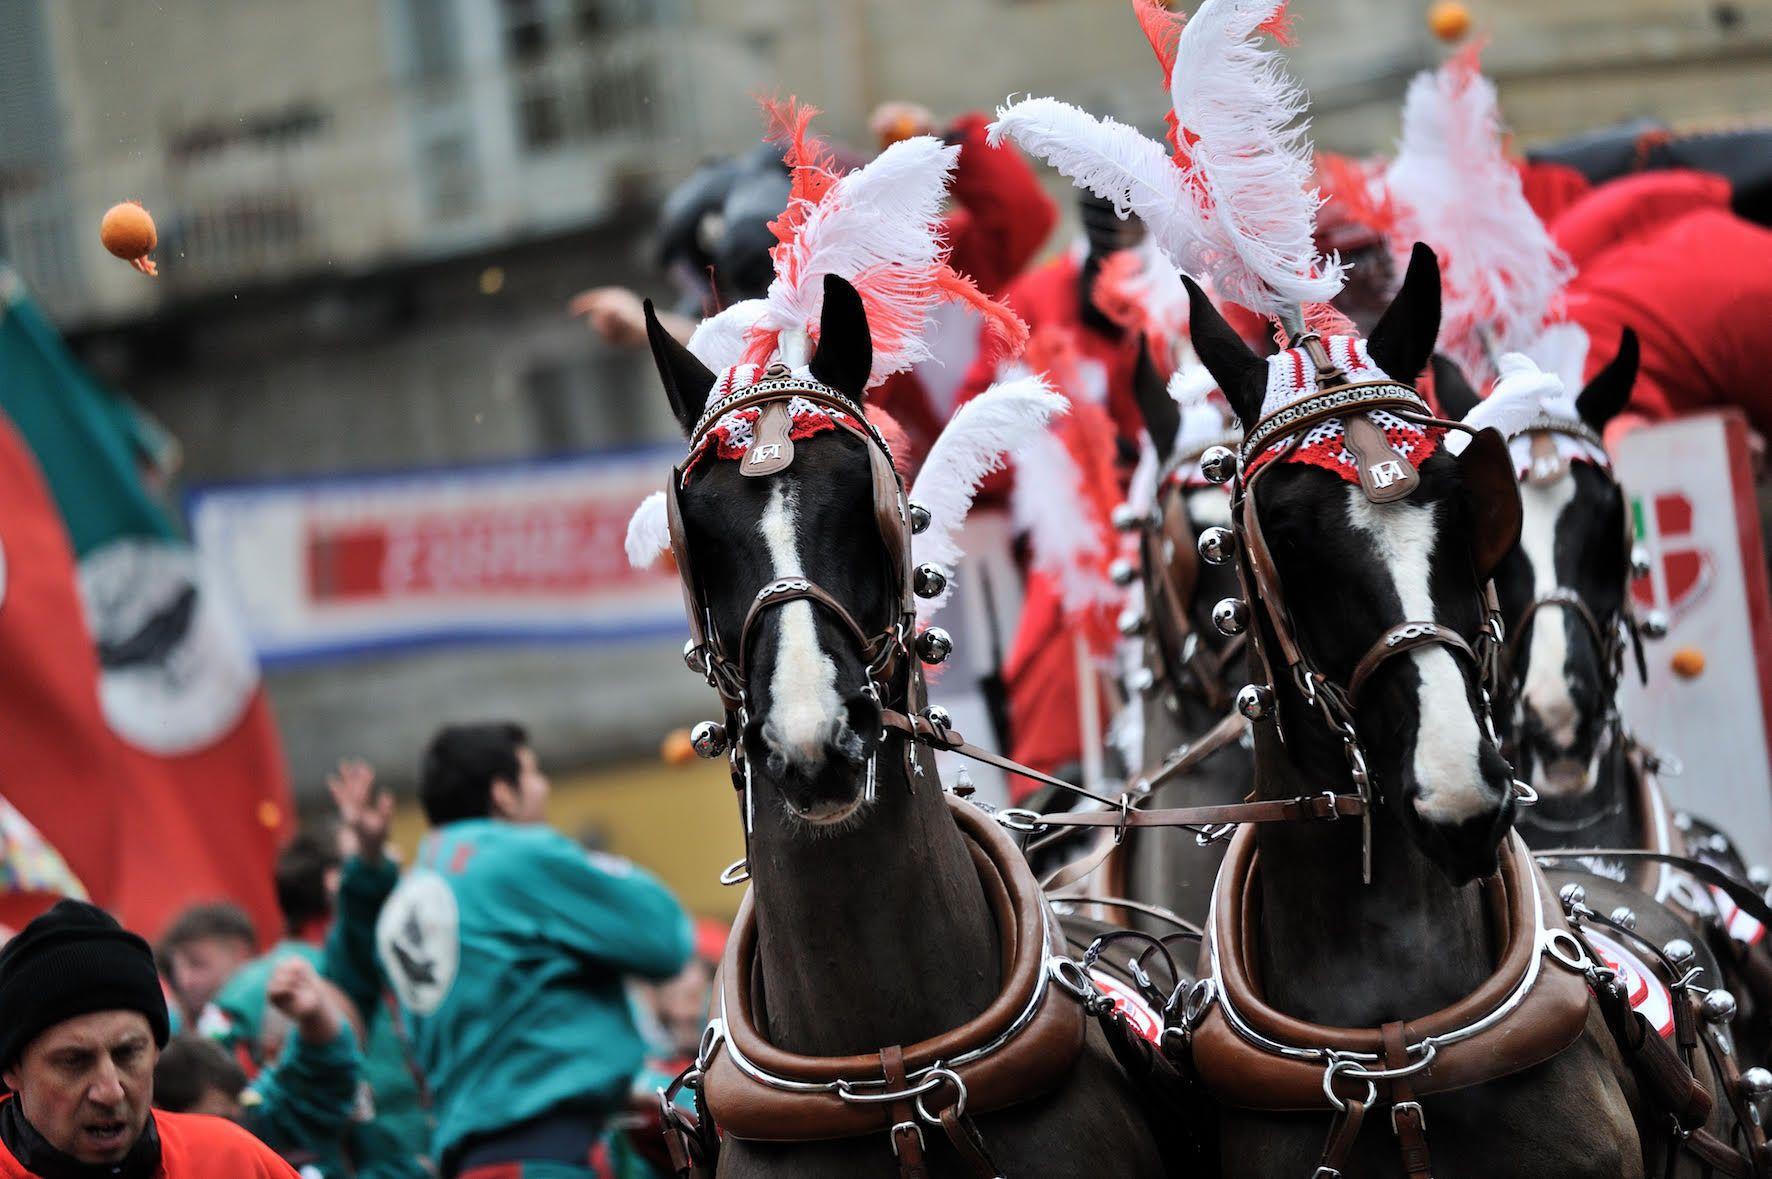 IVREA - Polemiche sullo Storico Carnevale: la giunta va avanti